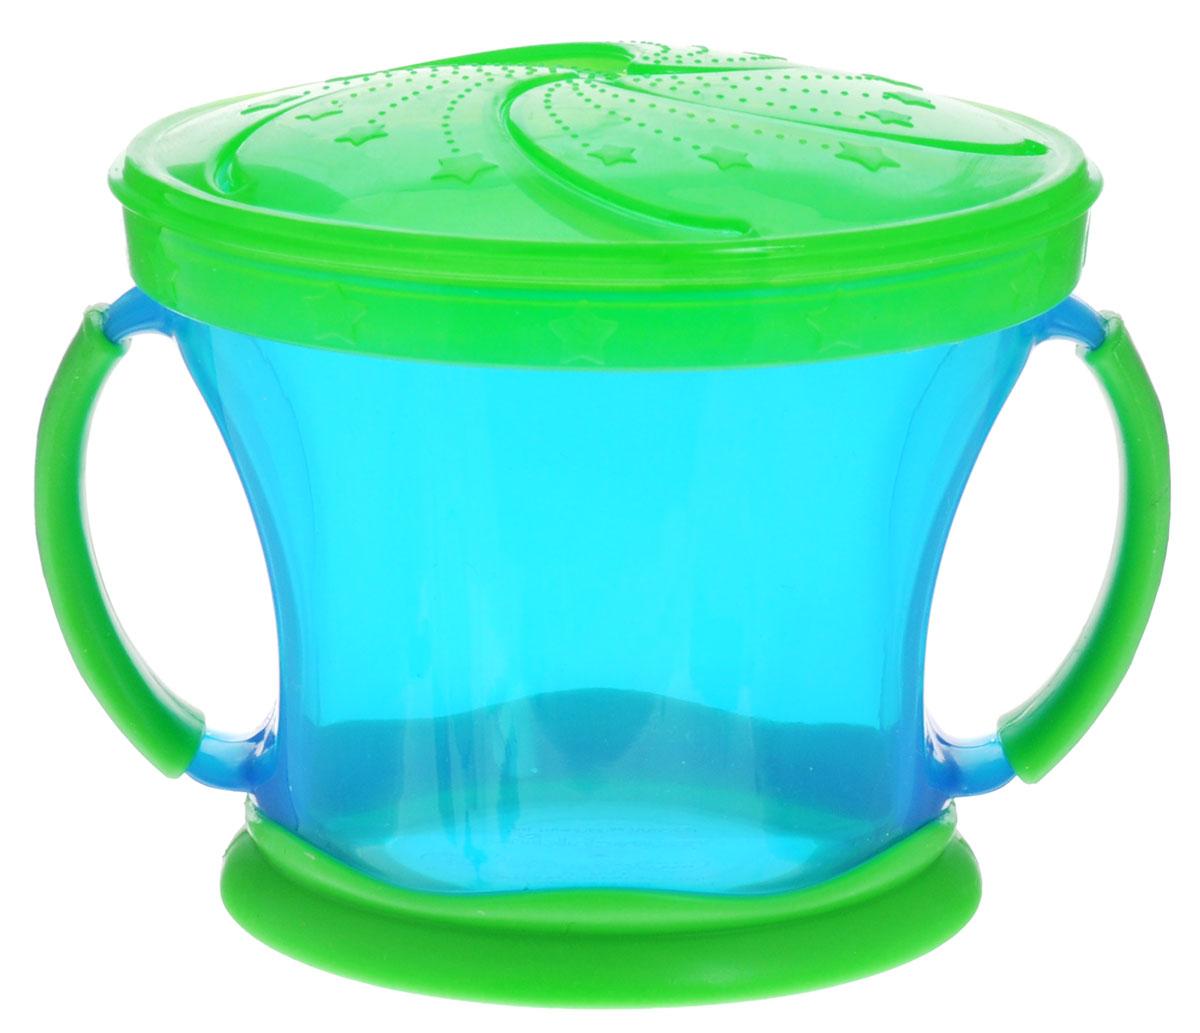 Munchkin Контейнер Поймай печенье, цвет: голубой, салатовый11006_голубой-салатовыйКонтейнер с ручками Munchkin Поймай печенье выполнен из безопасного пластика. Он идеально подходит, если нужно покормить малыша на ходу, чтобы закуска осталась в контейнере, а не на полу, не на сиденье автомобиля или коляски! Мягкие силиконовые лепестки-закрылки помогают ребенку подкрепиться самостоятельно, но предотвращают рассыпание содержимого контейнера. Регулируемая крышка позволит малышу вытащить печенья или других продуктов ровно столько, сколько сможет положить в рот за один раз, контейнер не откроется, даже если упадет и перевернется. Мягкие закрылки на крышке позволяют достать печенье или кусочки другой еды, минимально испачкав пальцы.